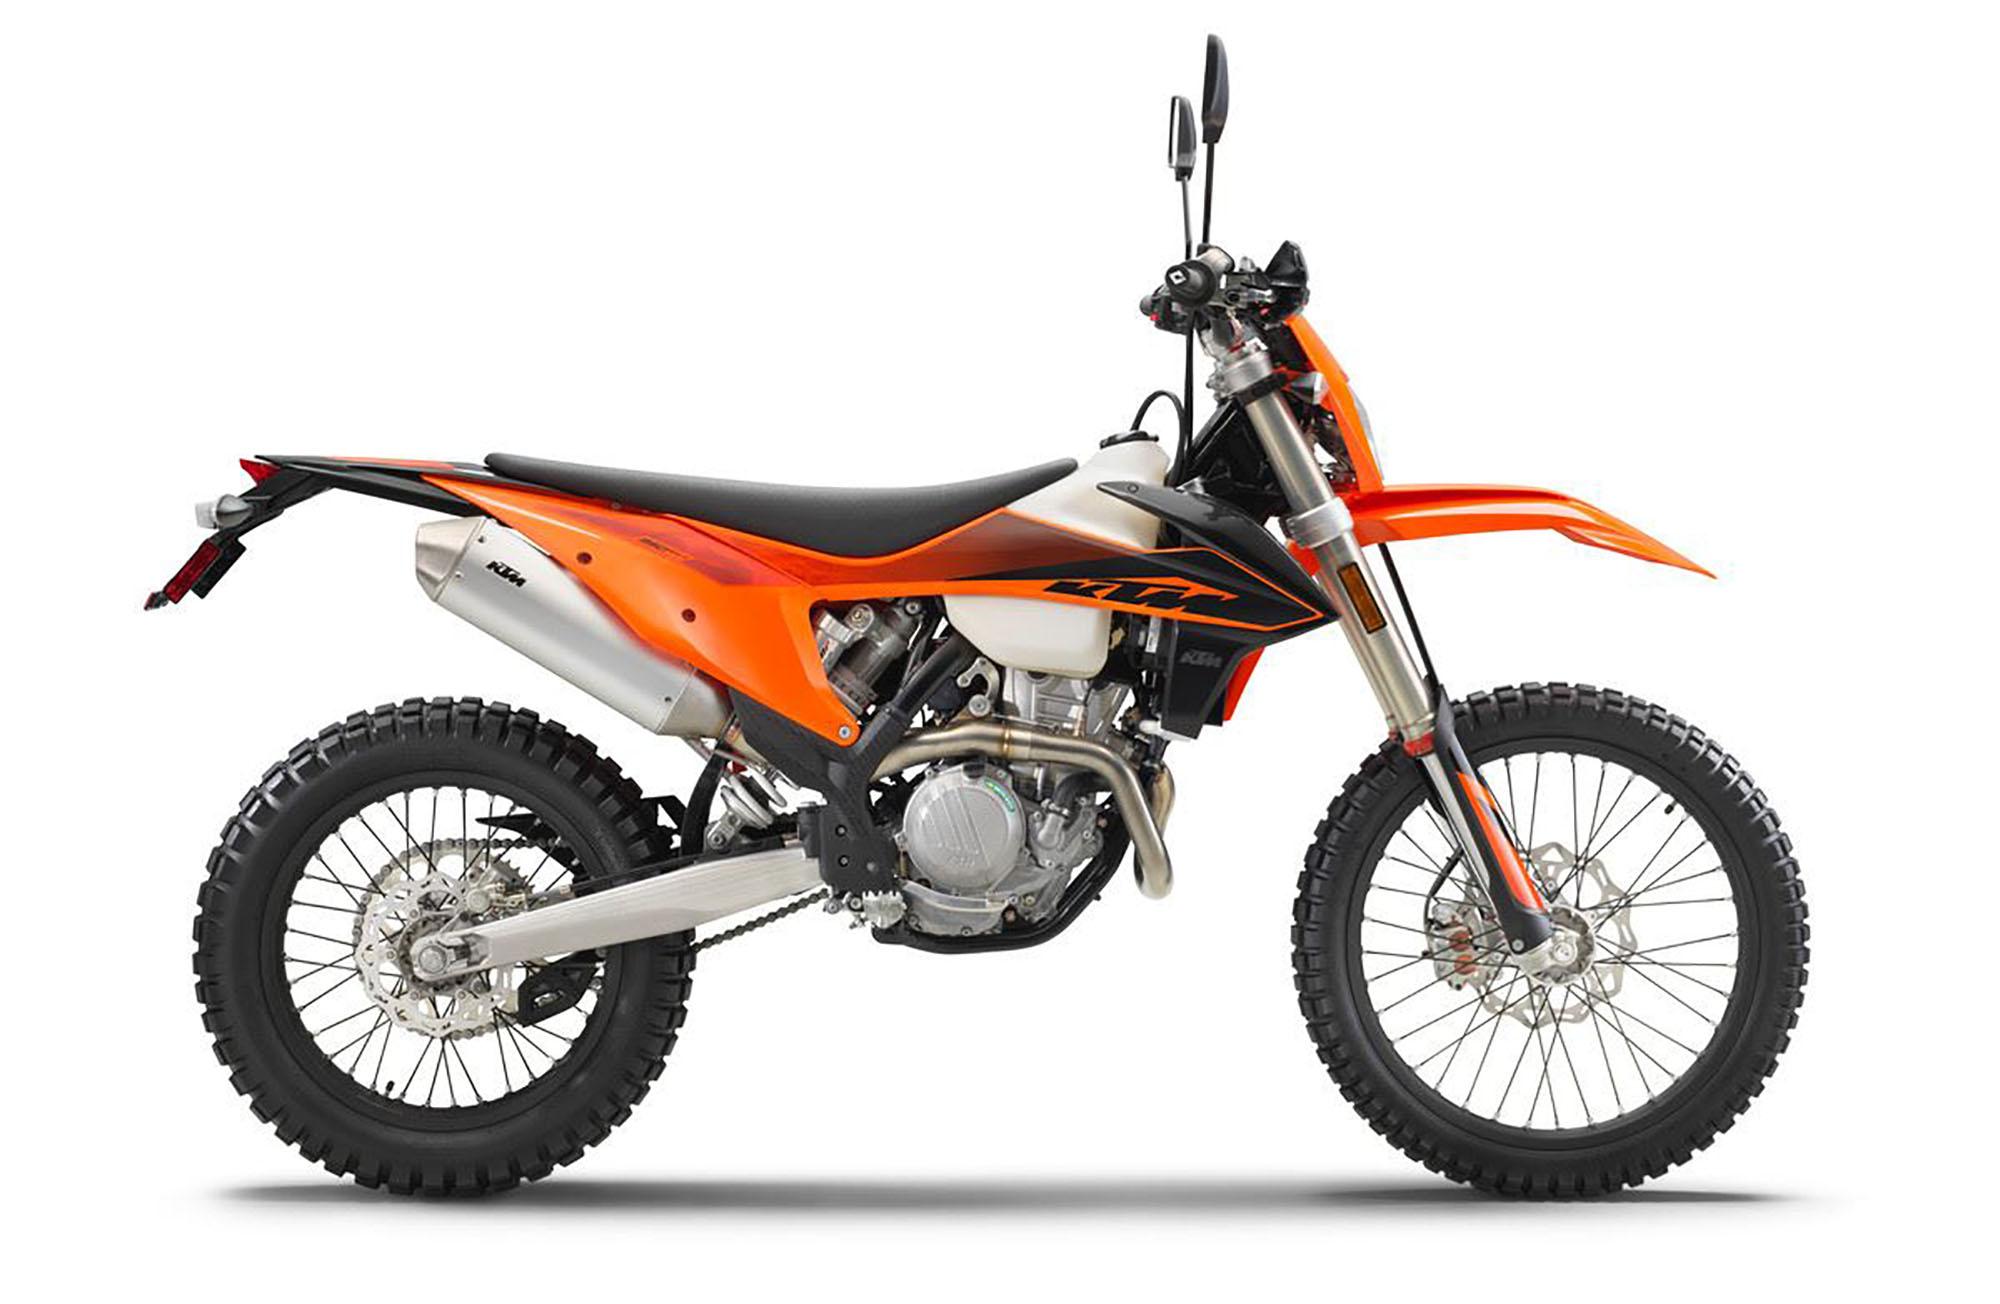 280186_350 EXC-F USA 2020.jpg